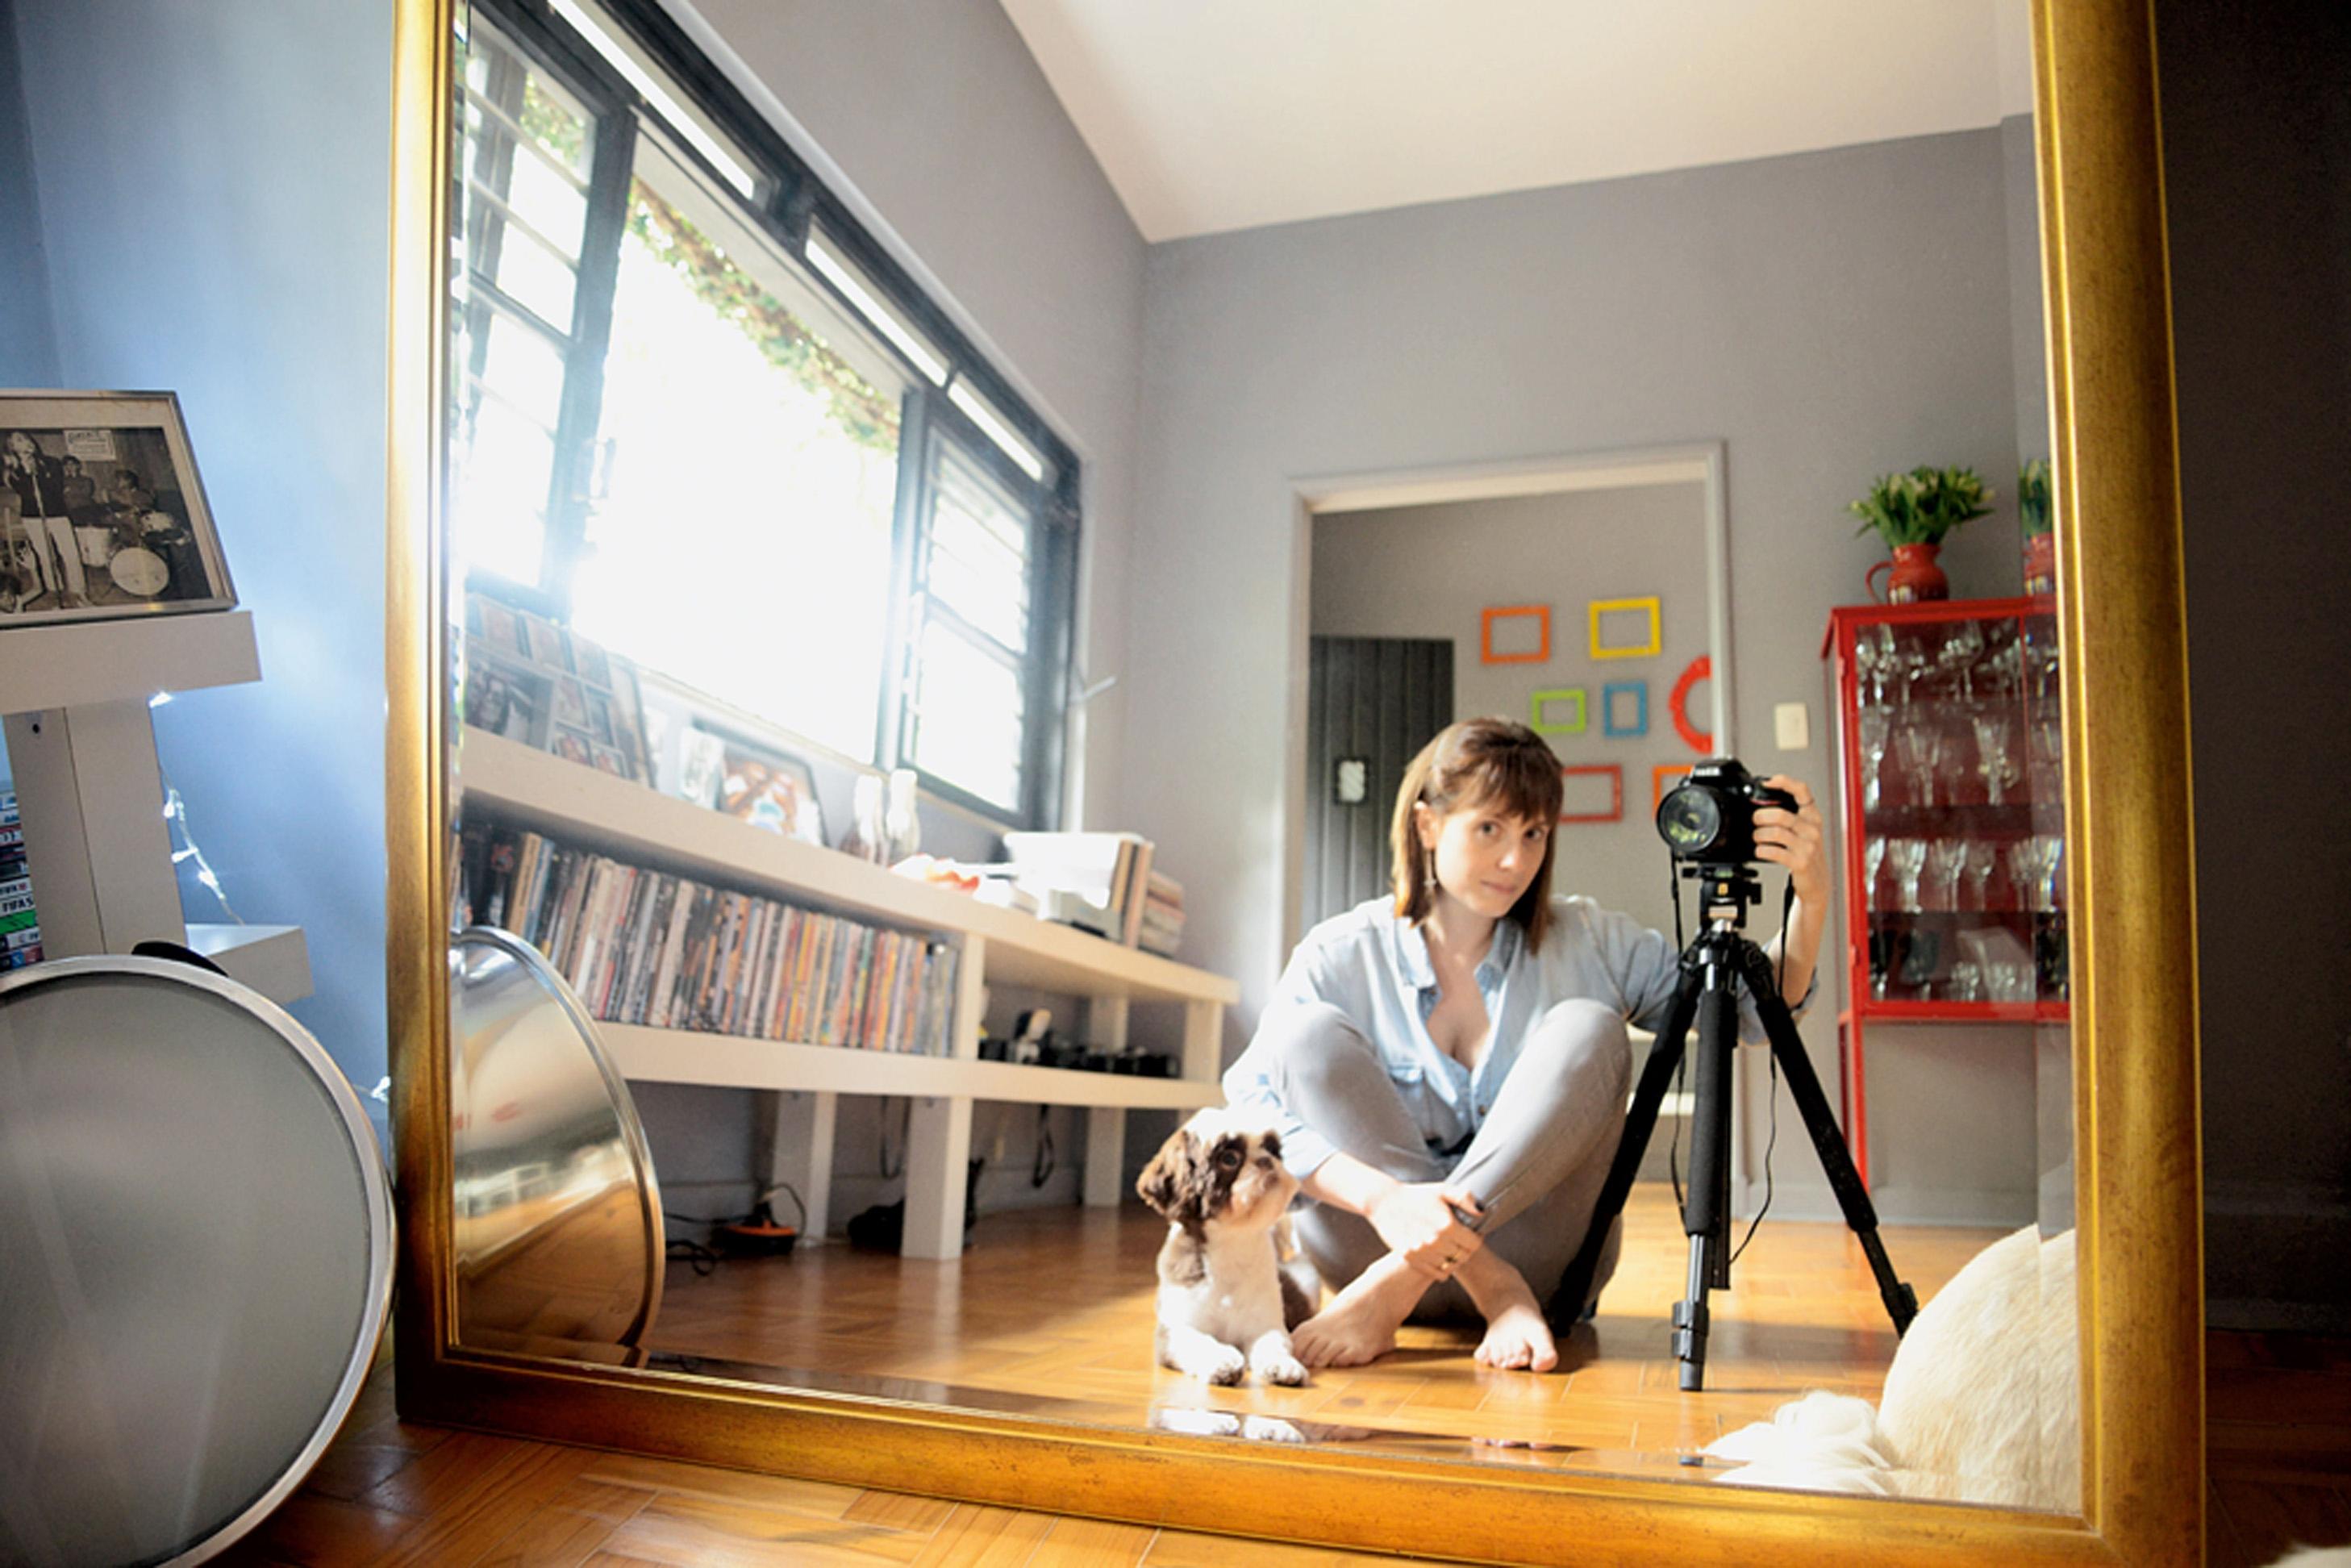 Autorretrato: Na sala de jantar, Mariana posa junto com a cadela Carlota em frente ao espelho gigante que mandou fazer